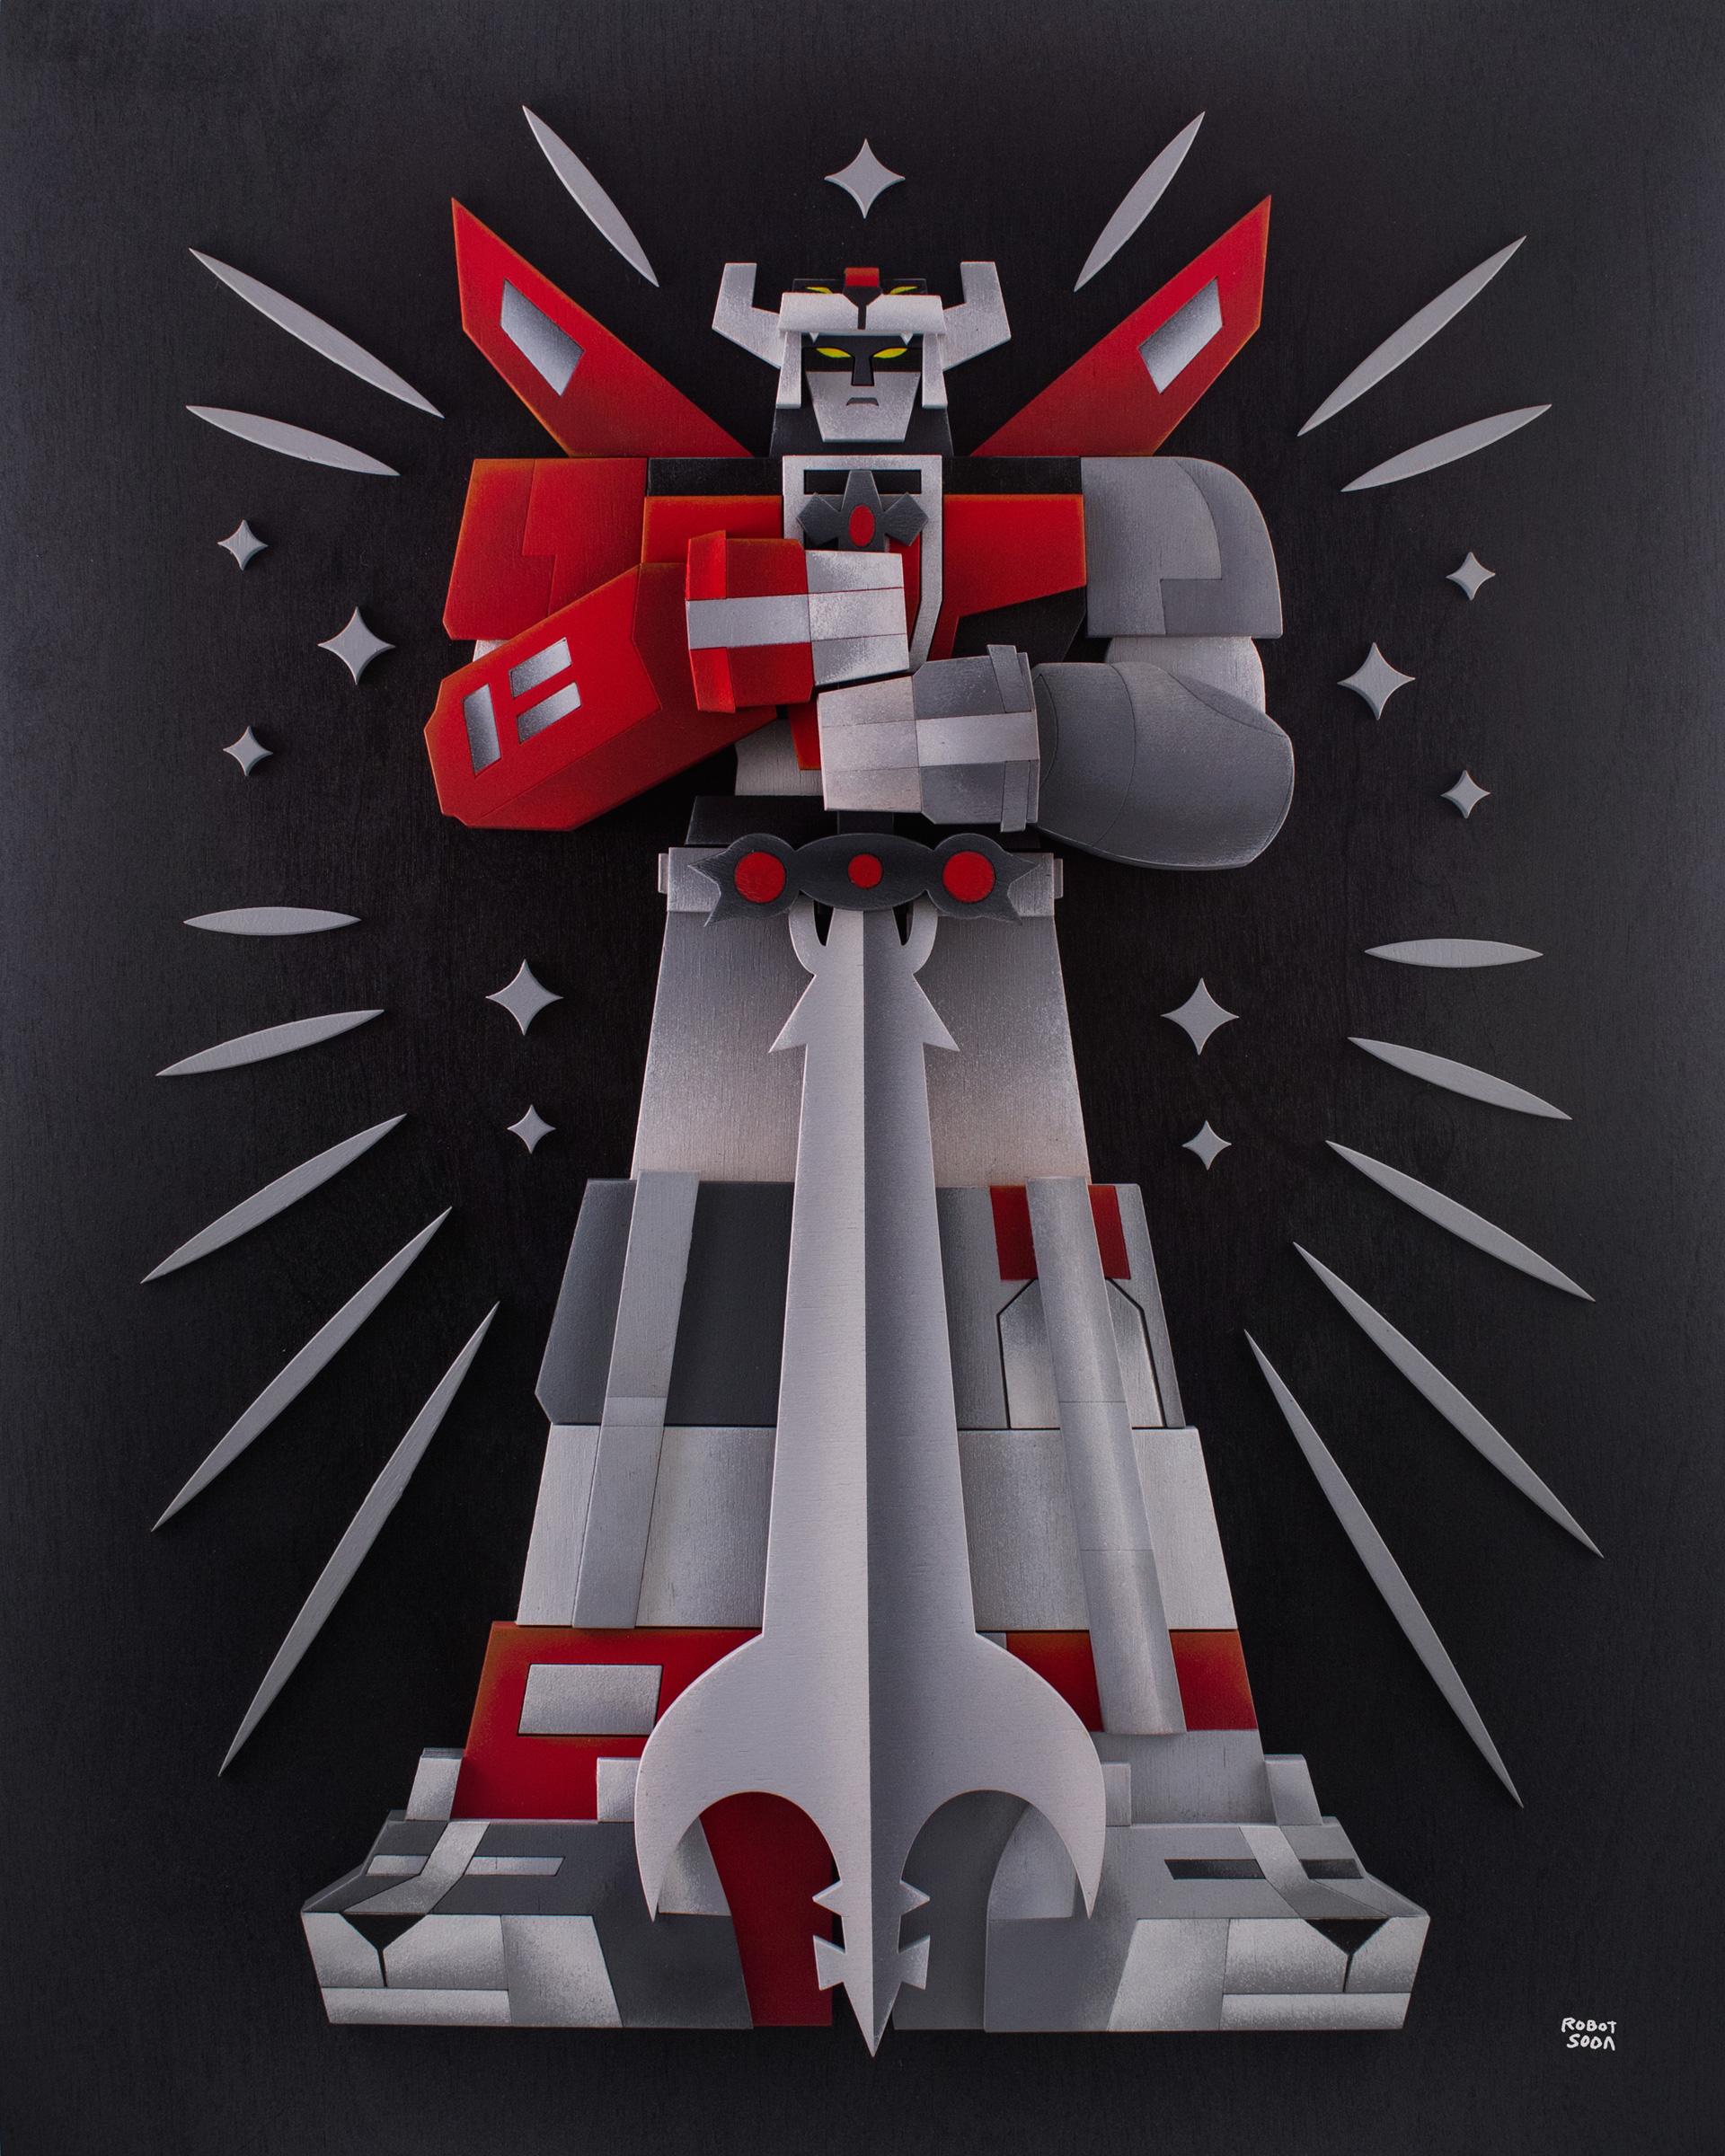 ROBOT-SODA-VOLTRON-001.jpg